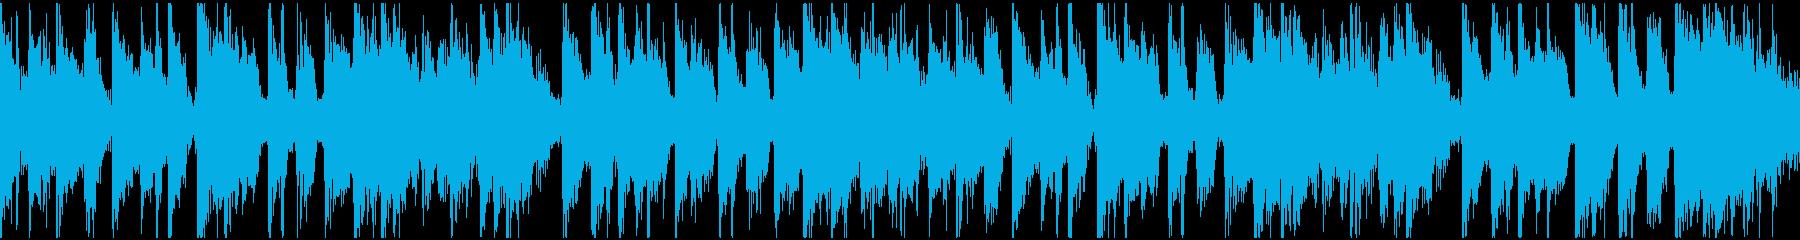 ループ:中華・カンフー映画風ファンクv2の再生済みの波形